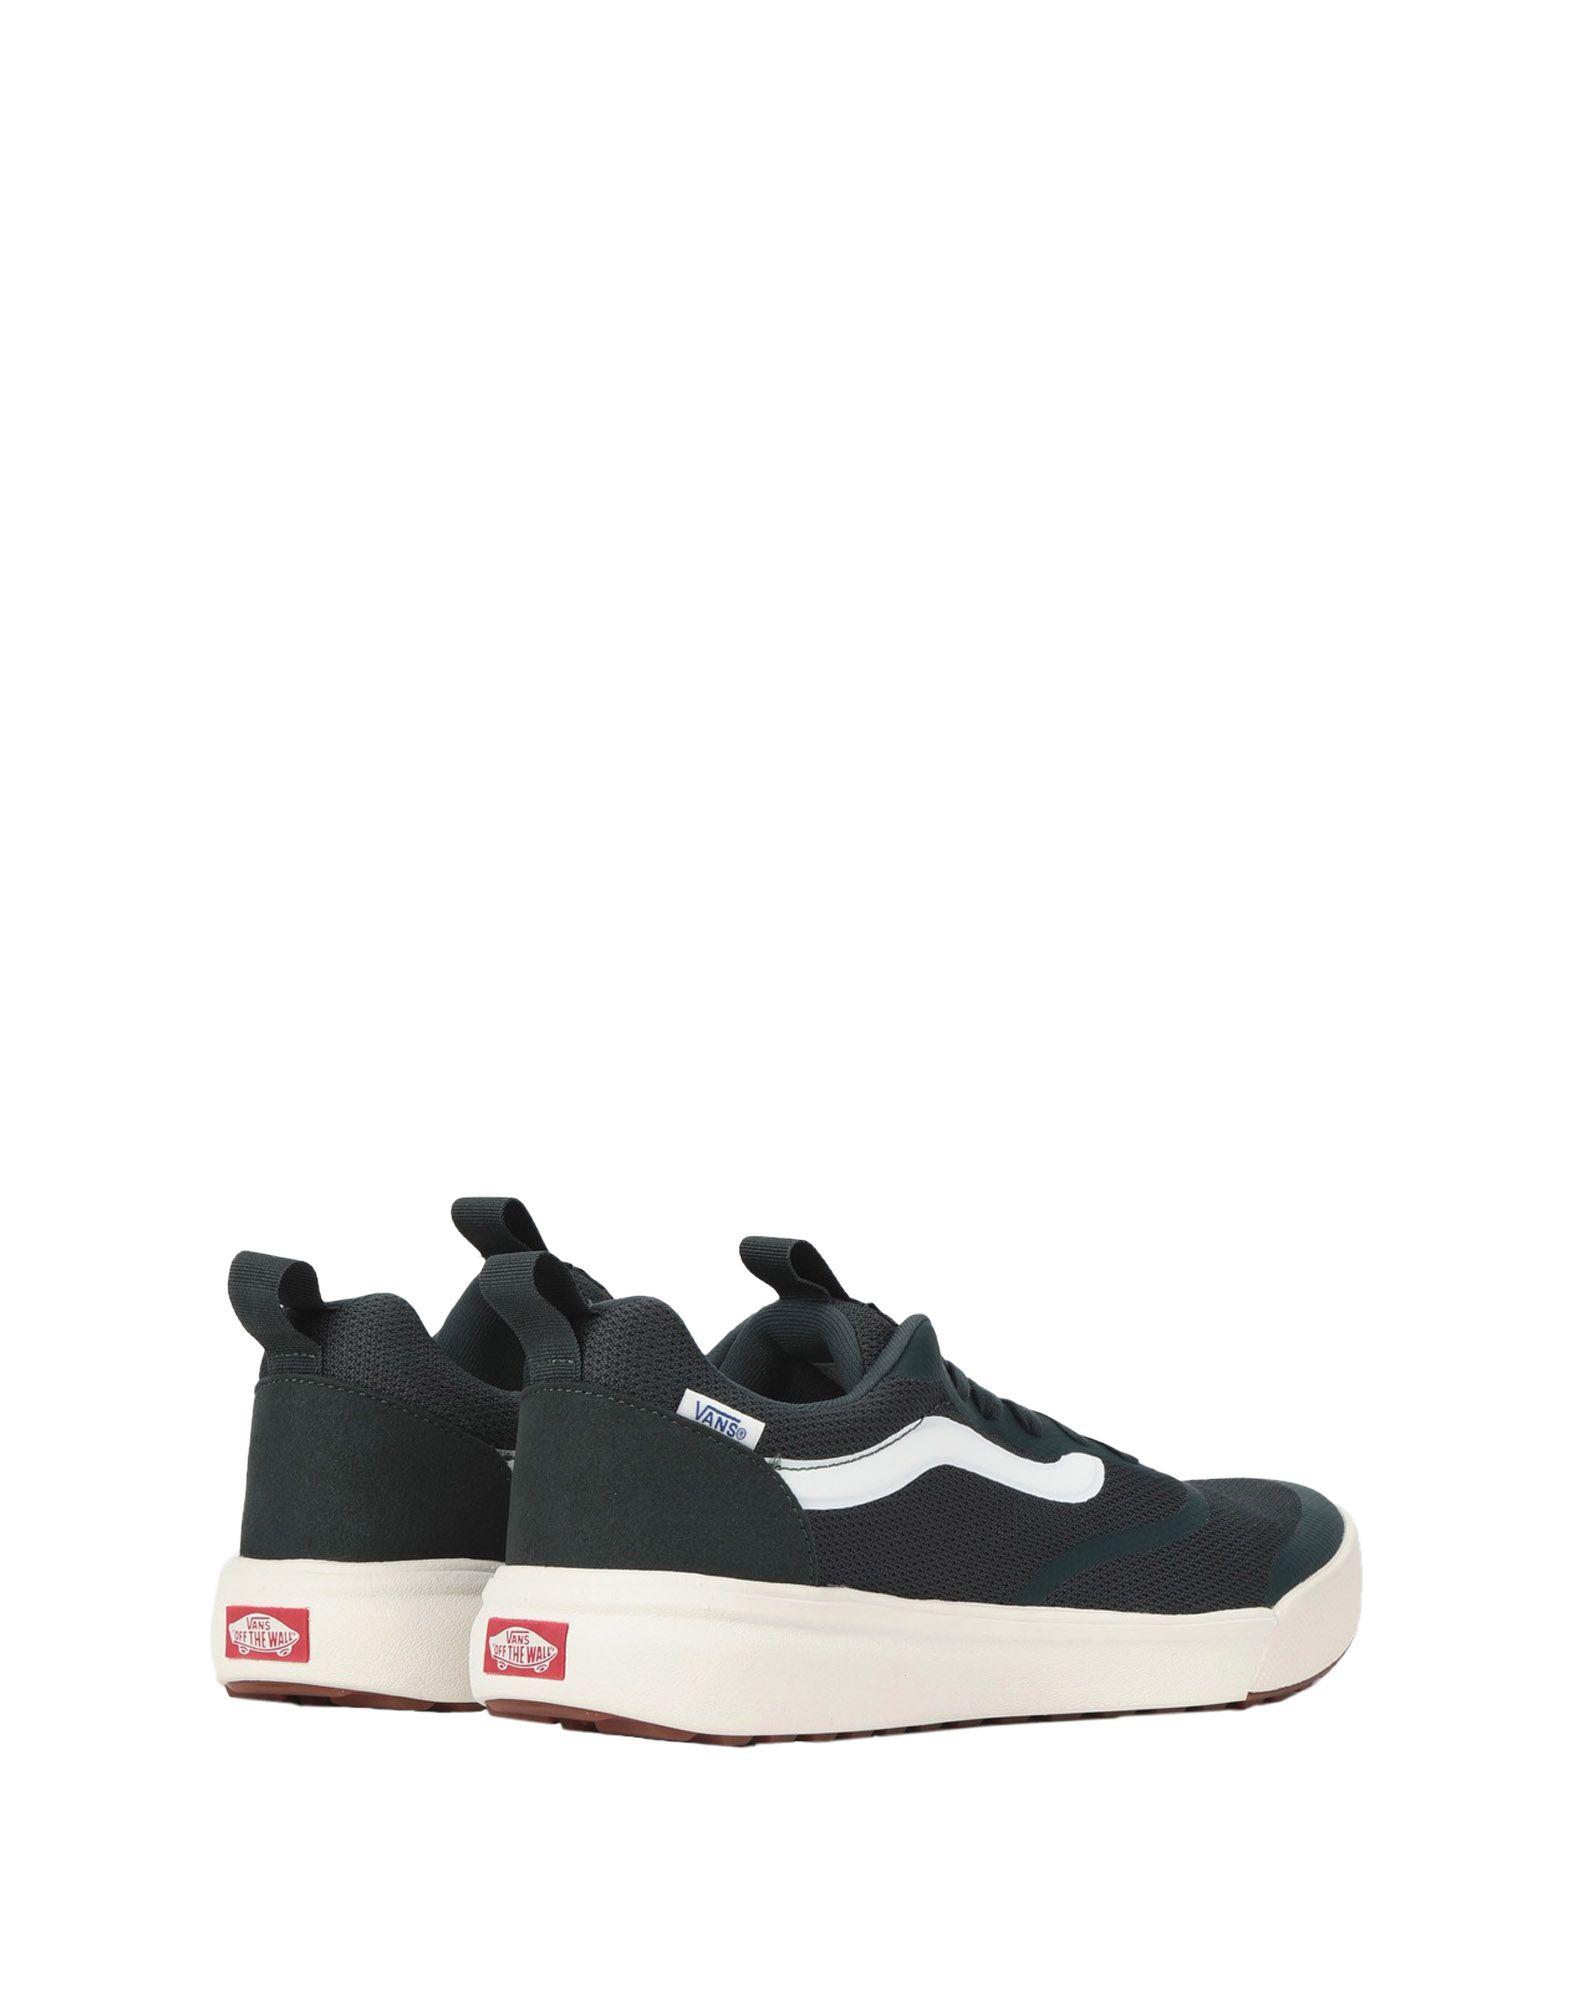 Vans Ua Ultrarange Rapidw (Salt Wash) Wash) Wash) - Sneakers - Men Vans Sneakers online on  Canada - 11551802TT 91fc72